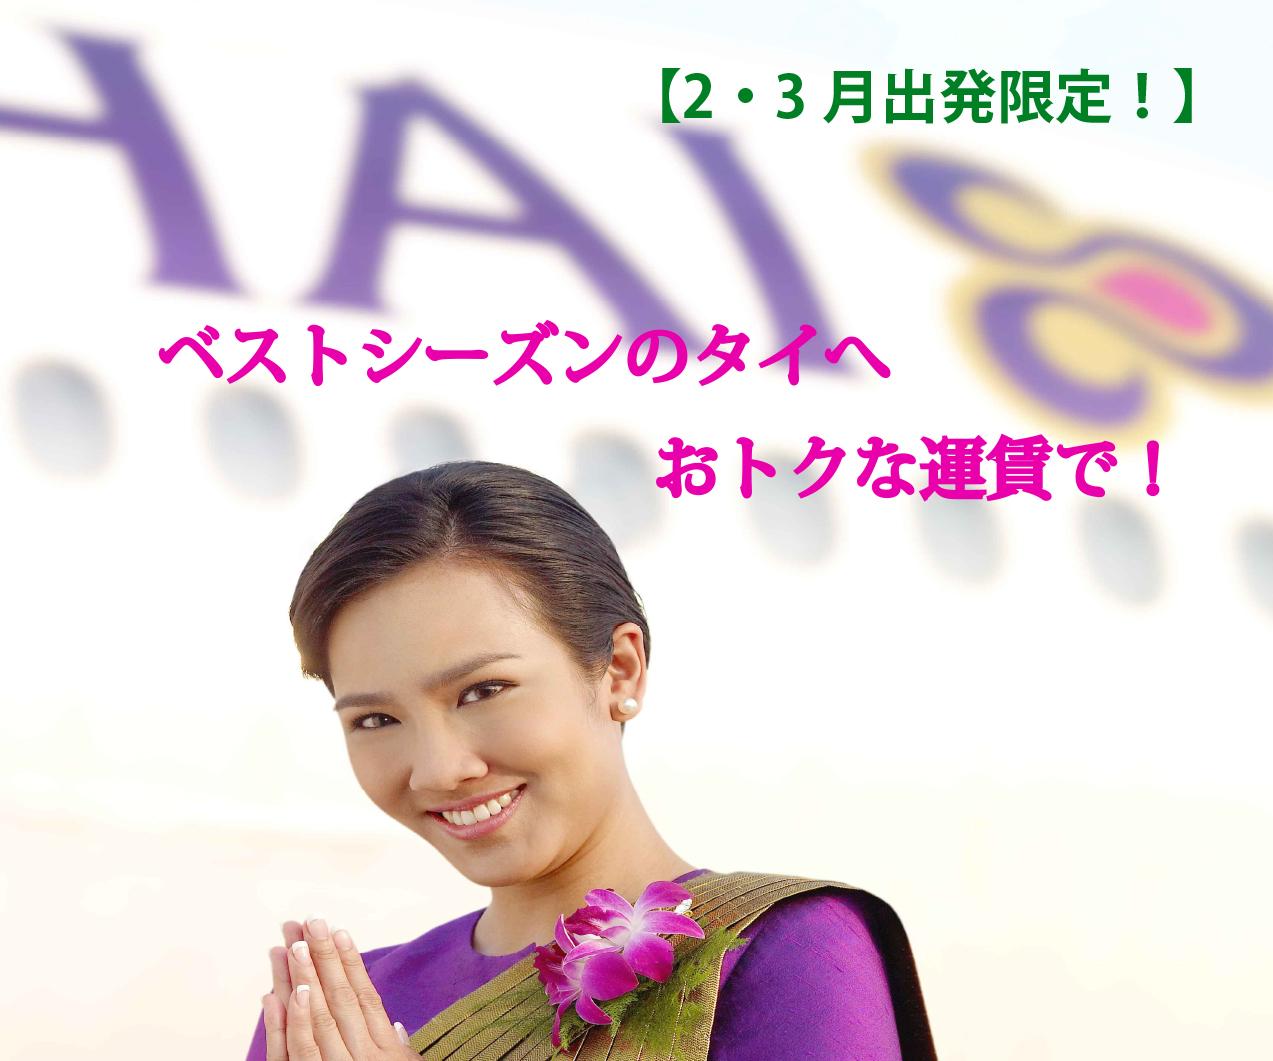 【2、3月出発限定】 成田/中部/関空発、タイ行きスペシャル運賃販売中。39,000円~!